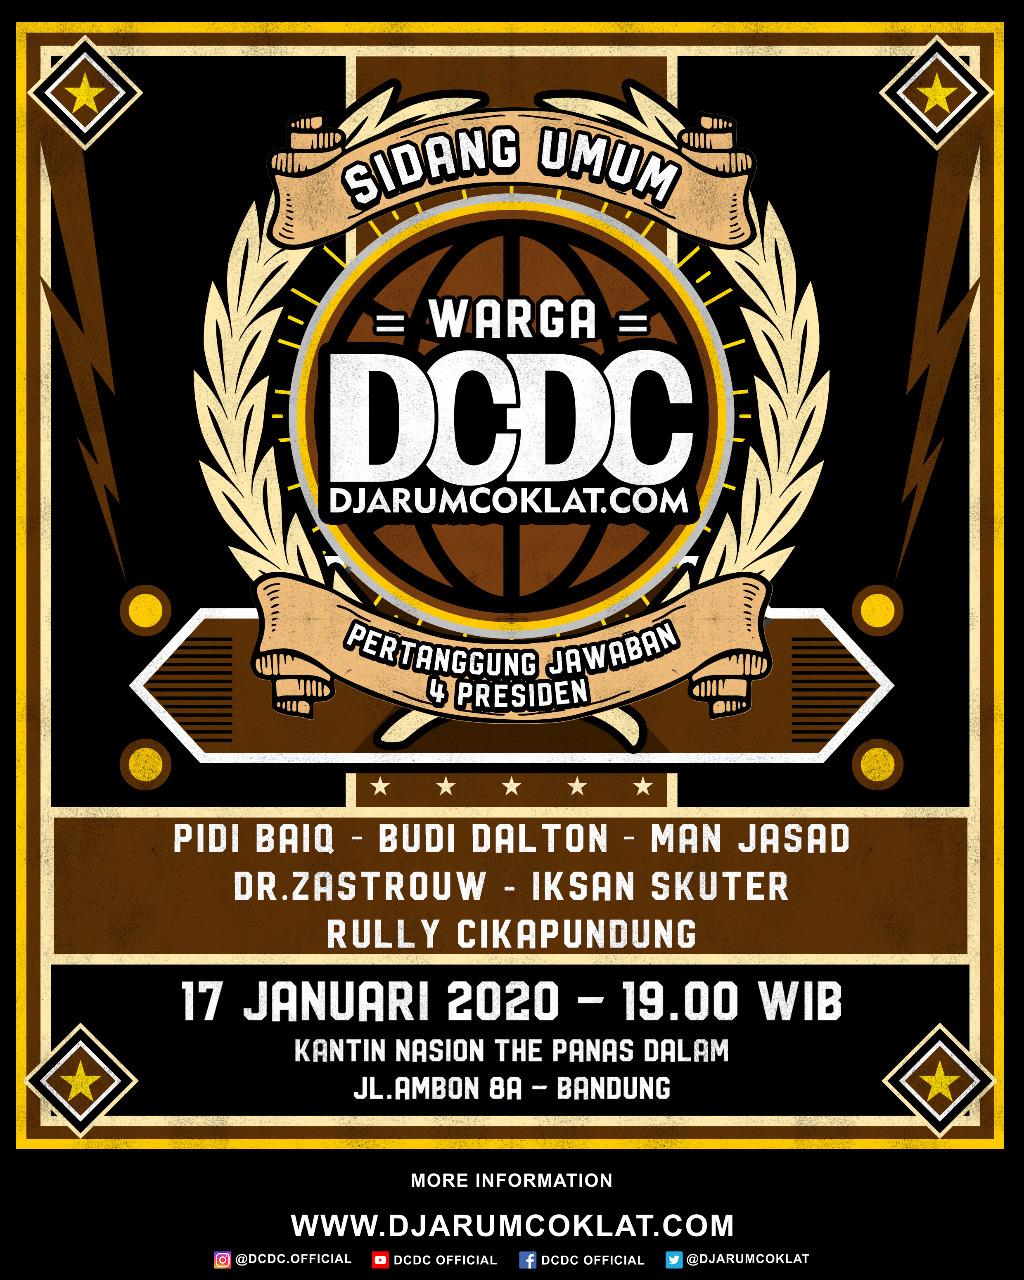 Sidang Umum Warga DCDC